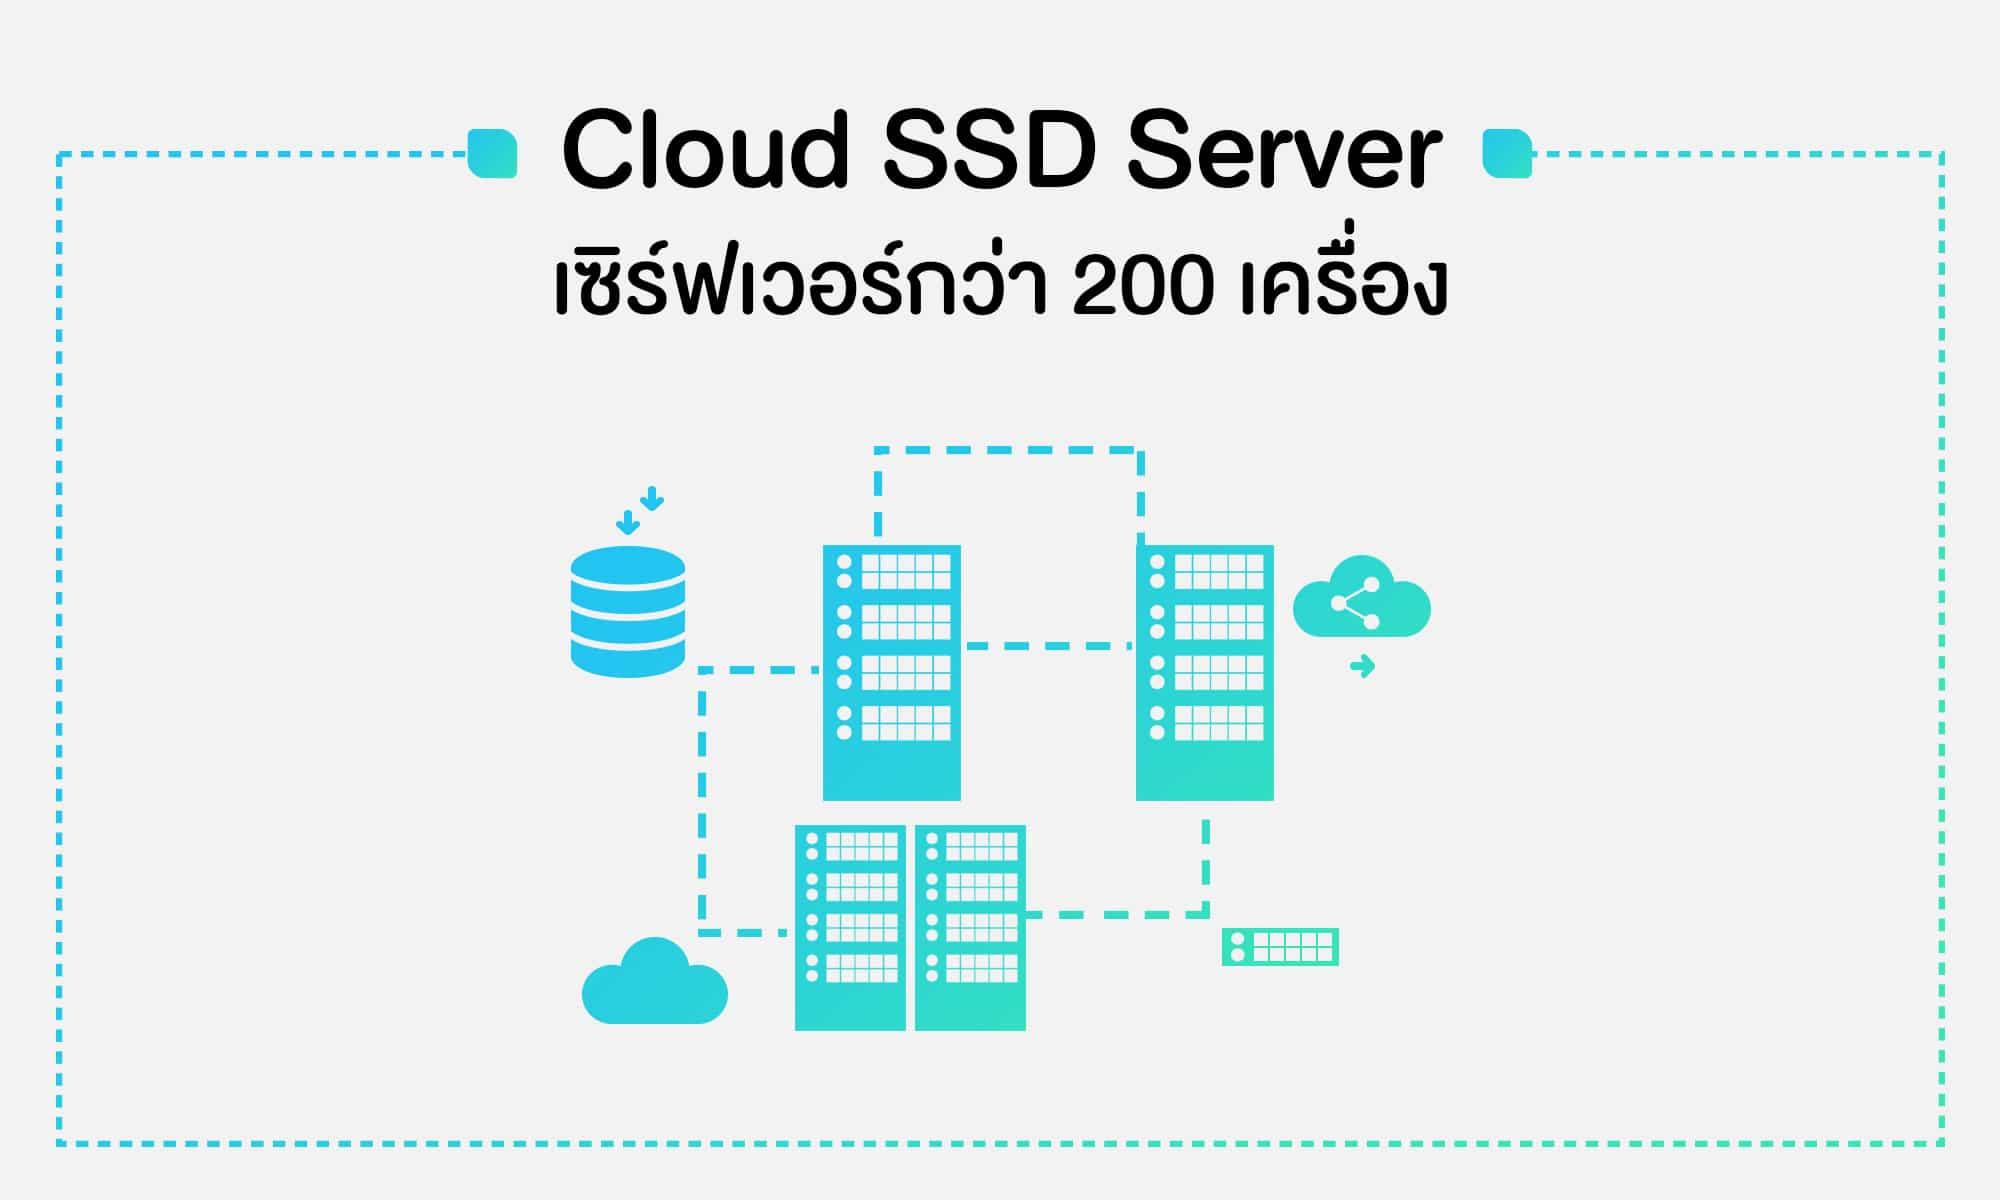 ให้บริการด้วย SSD เซิร์ฟเวอร์กว่า 200 เครื่อง ประสานทำงานร่วมกัน ไม่มีล่มหากเซิร์ฟเวอร์หรืออุปกรณ์ฮาร์ดแวร์เสียหาย